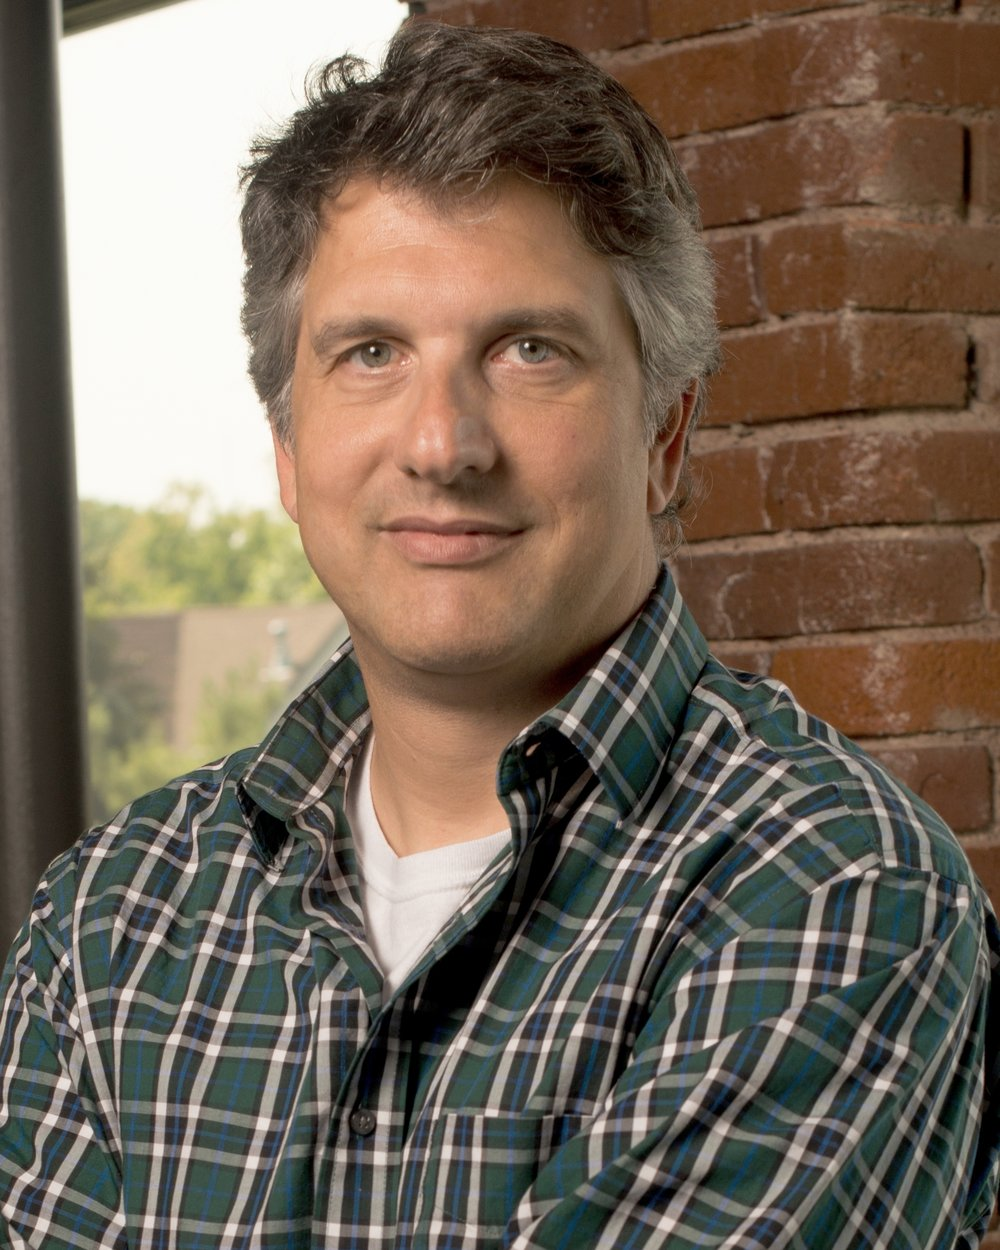 STEPHAN MUELLER, key business advisor & COO of AscenderPGH